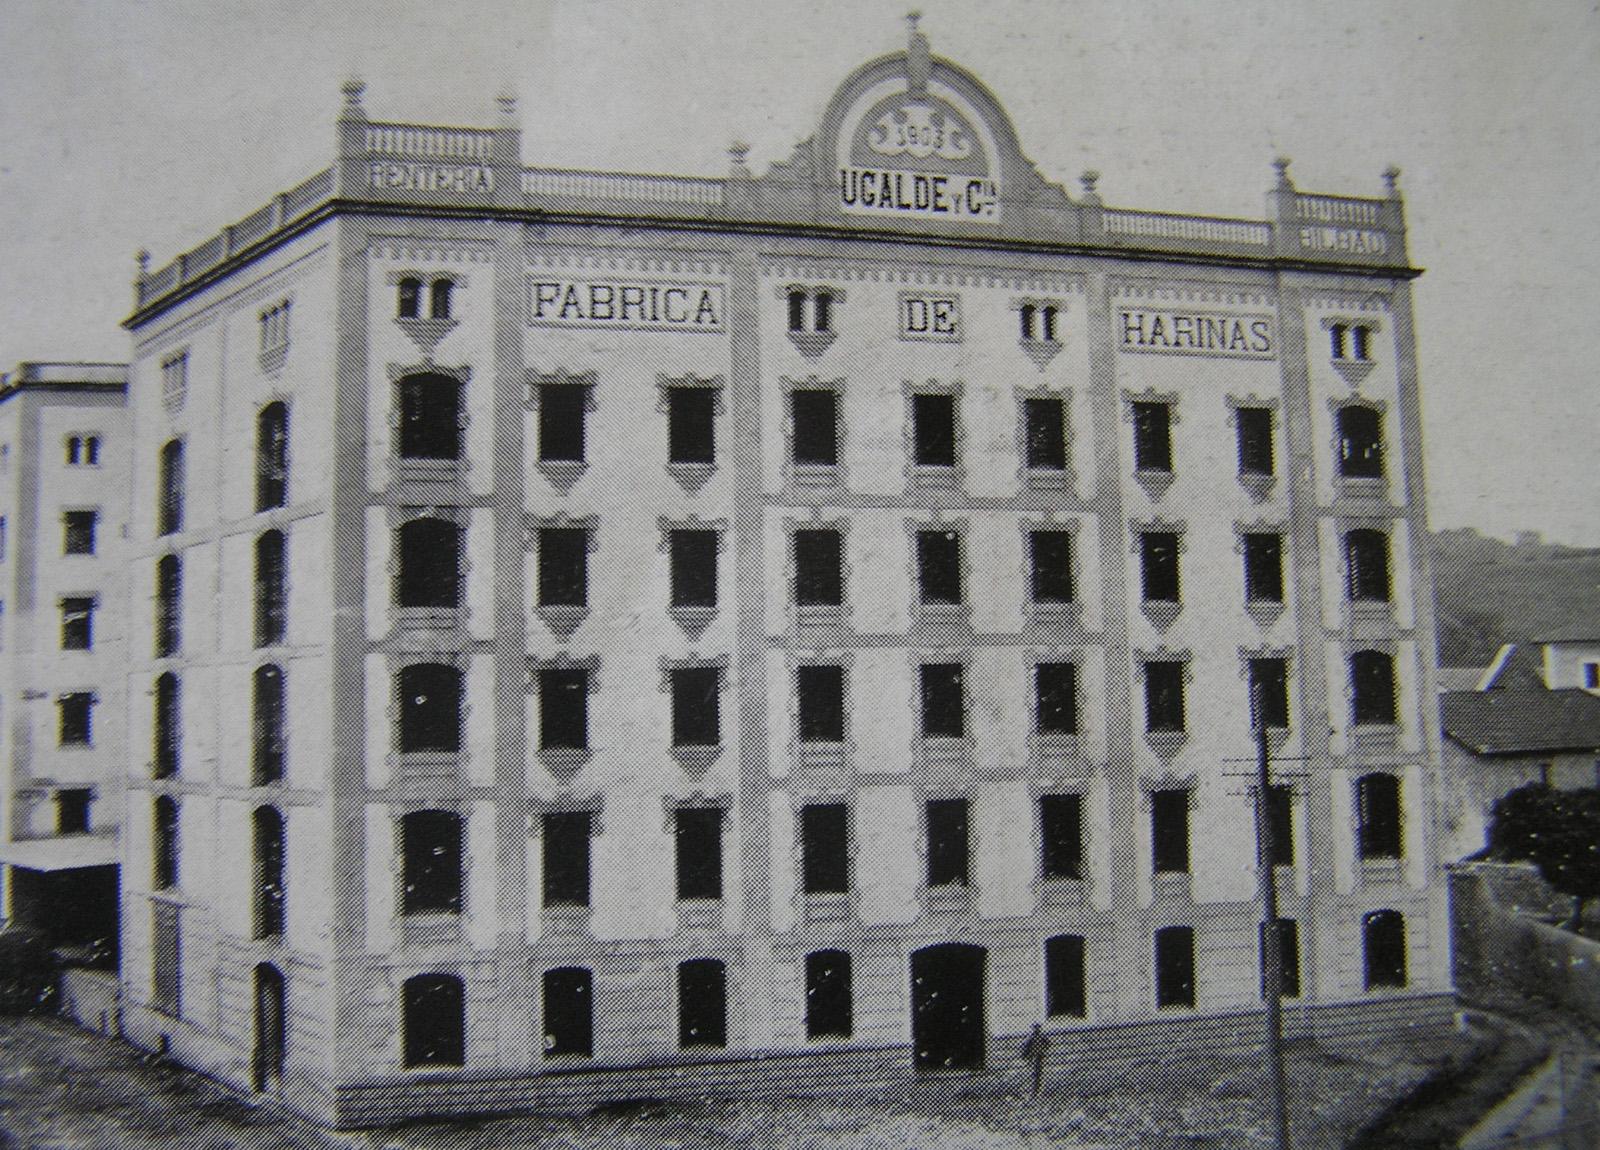 Ugalde y Cia Irin fabrika 1915.jpg